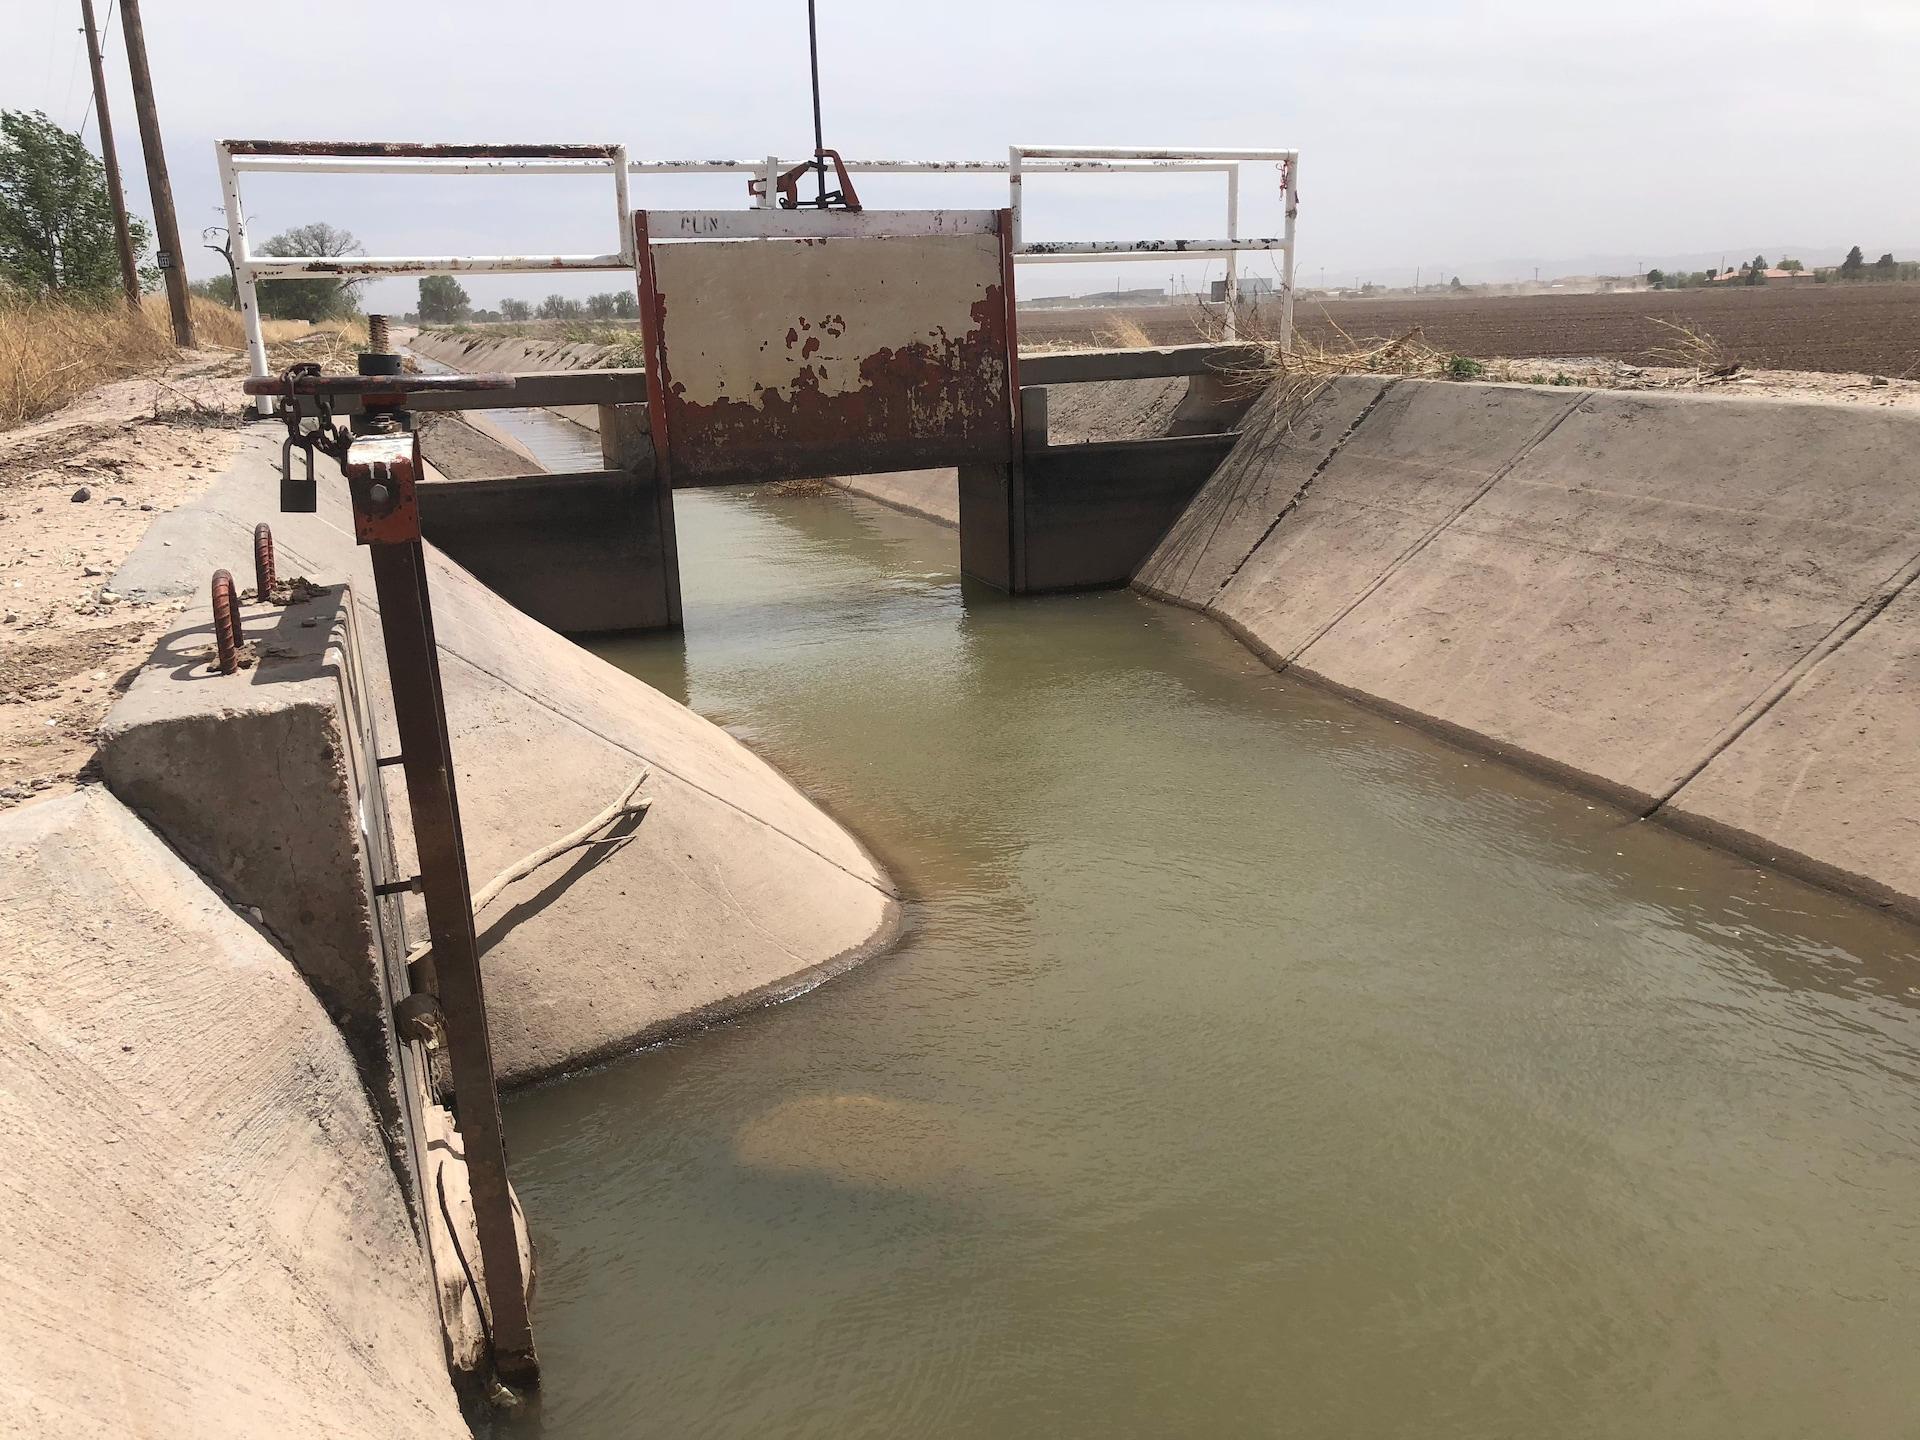 Un canal en béton ouvert laisse couler l'eau foncée du Rio Grande.